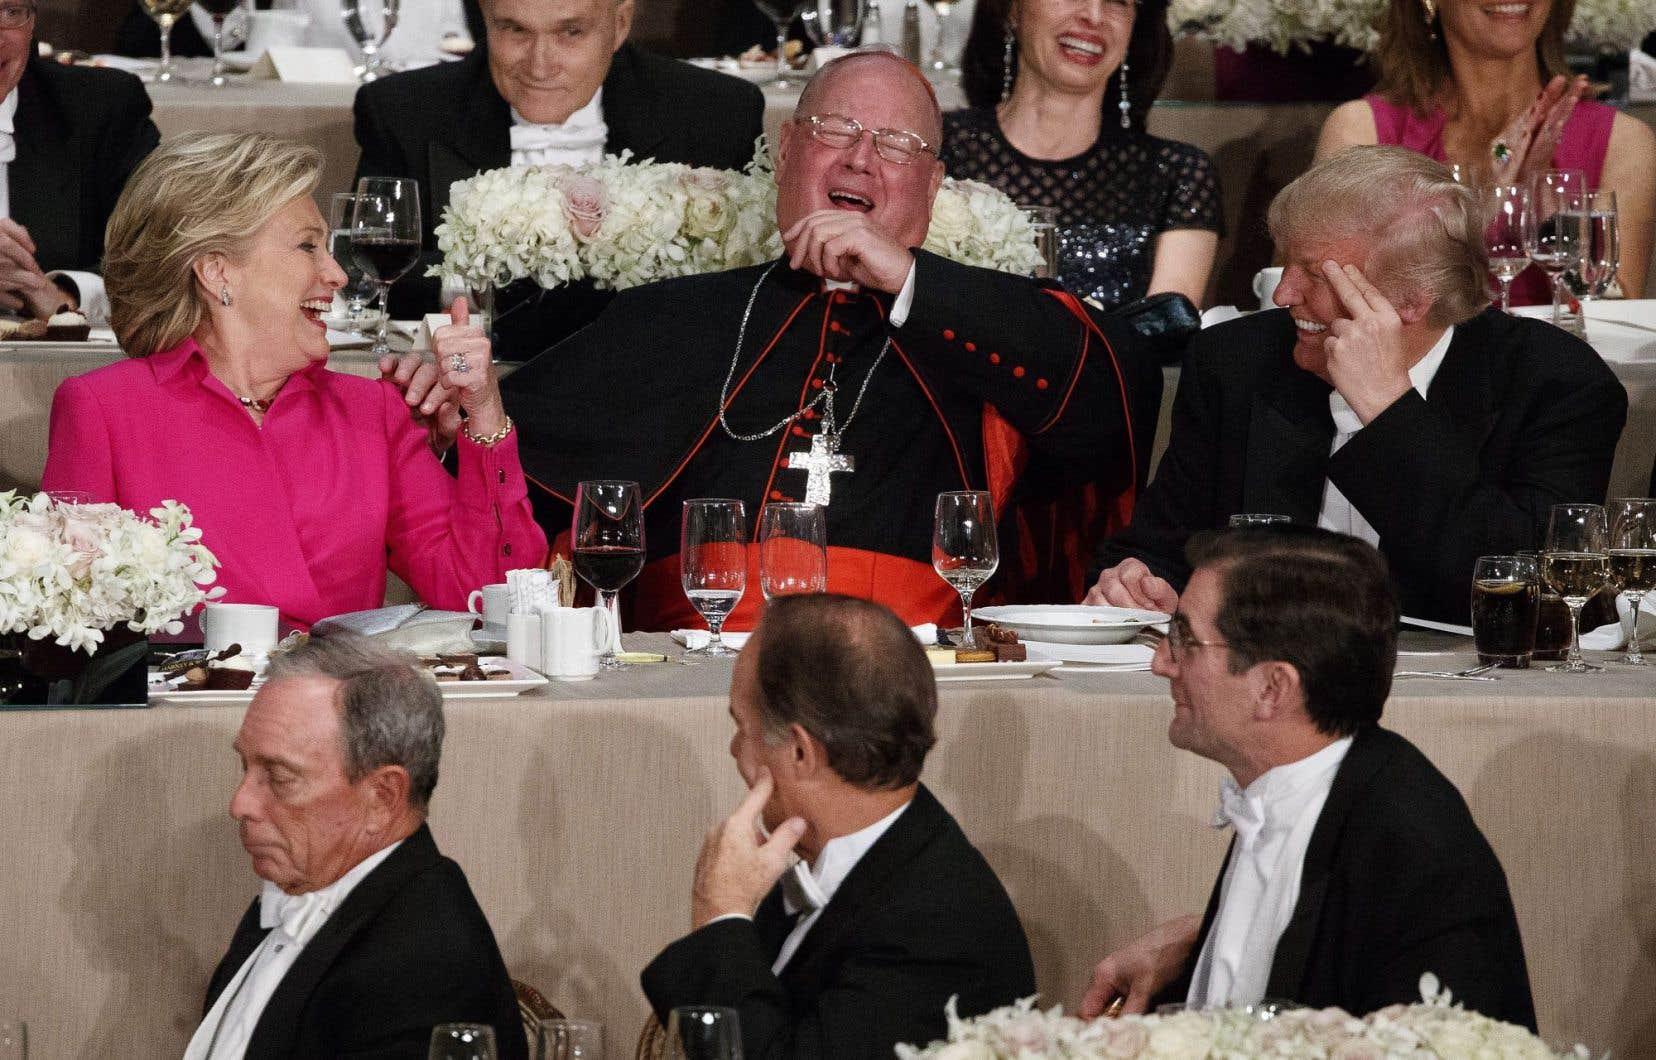 Hillary Clinton et Donald Trump ont mis leur campagne entre parenthèses pour prendre part au souper-bénéfice de la Fondation Alfred-E.-Smith, au très chic hôtel Waldorf Astoria, à Manhattan.